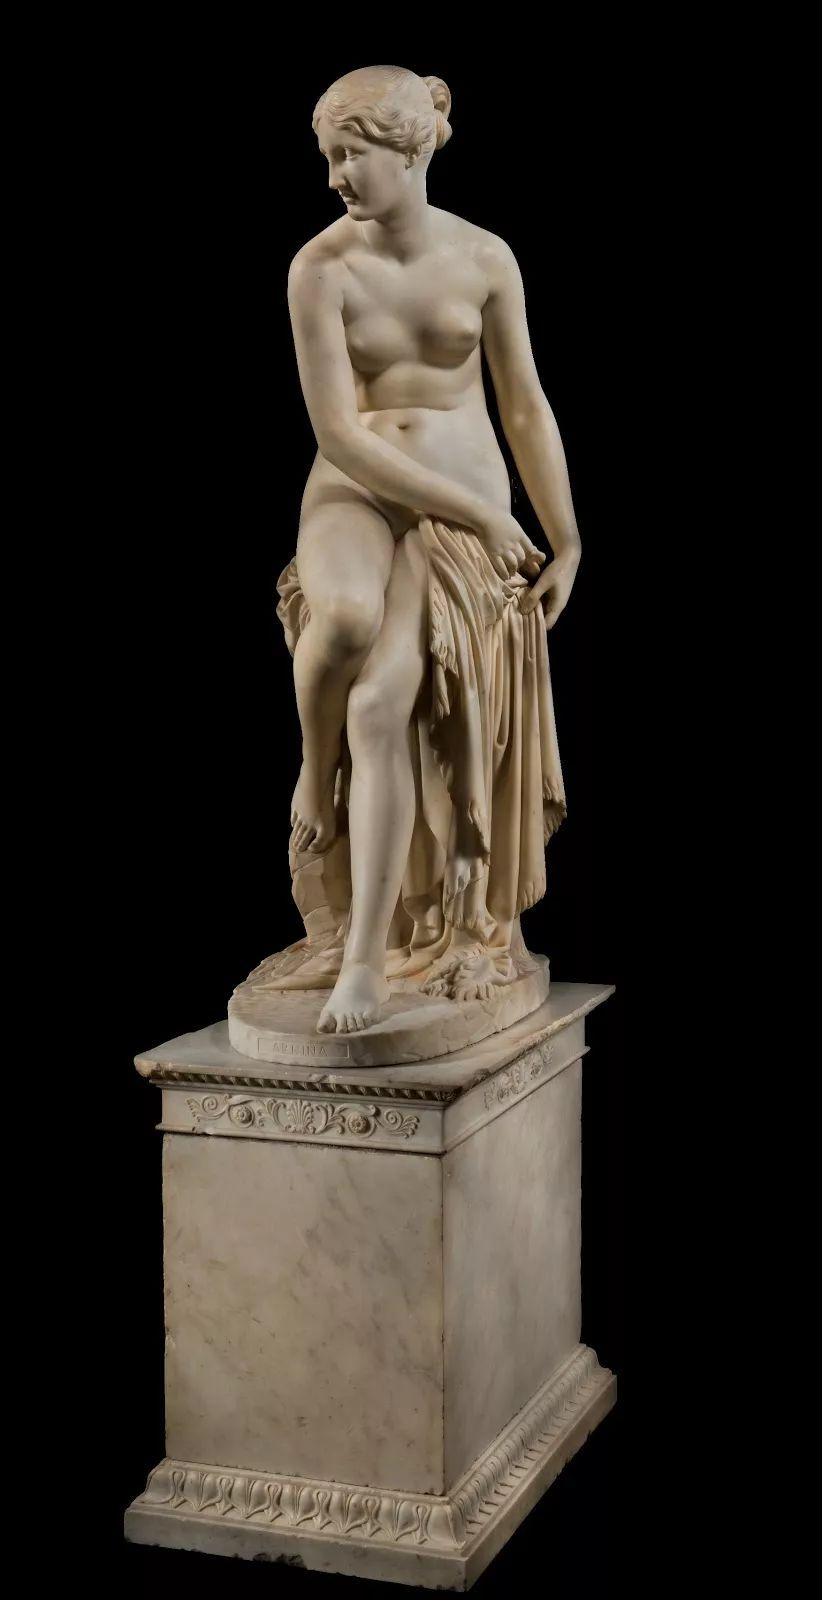 意大利的雕塑家 Lorenzo Bartolin